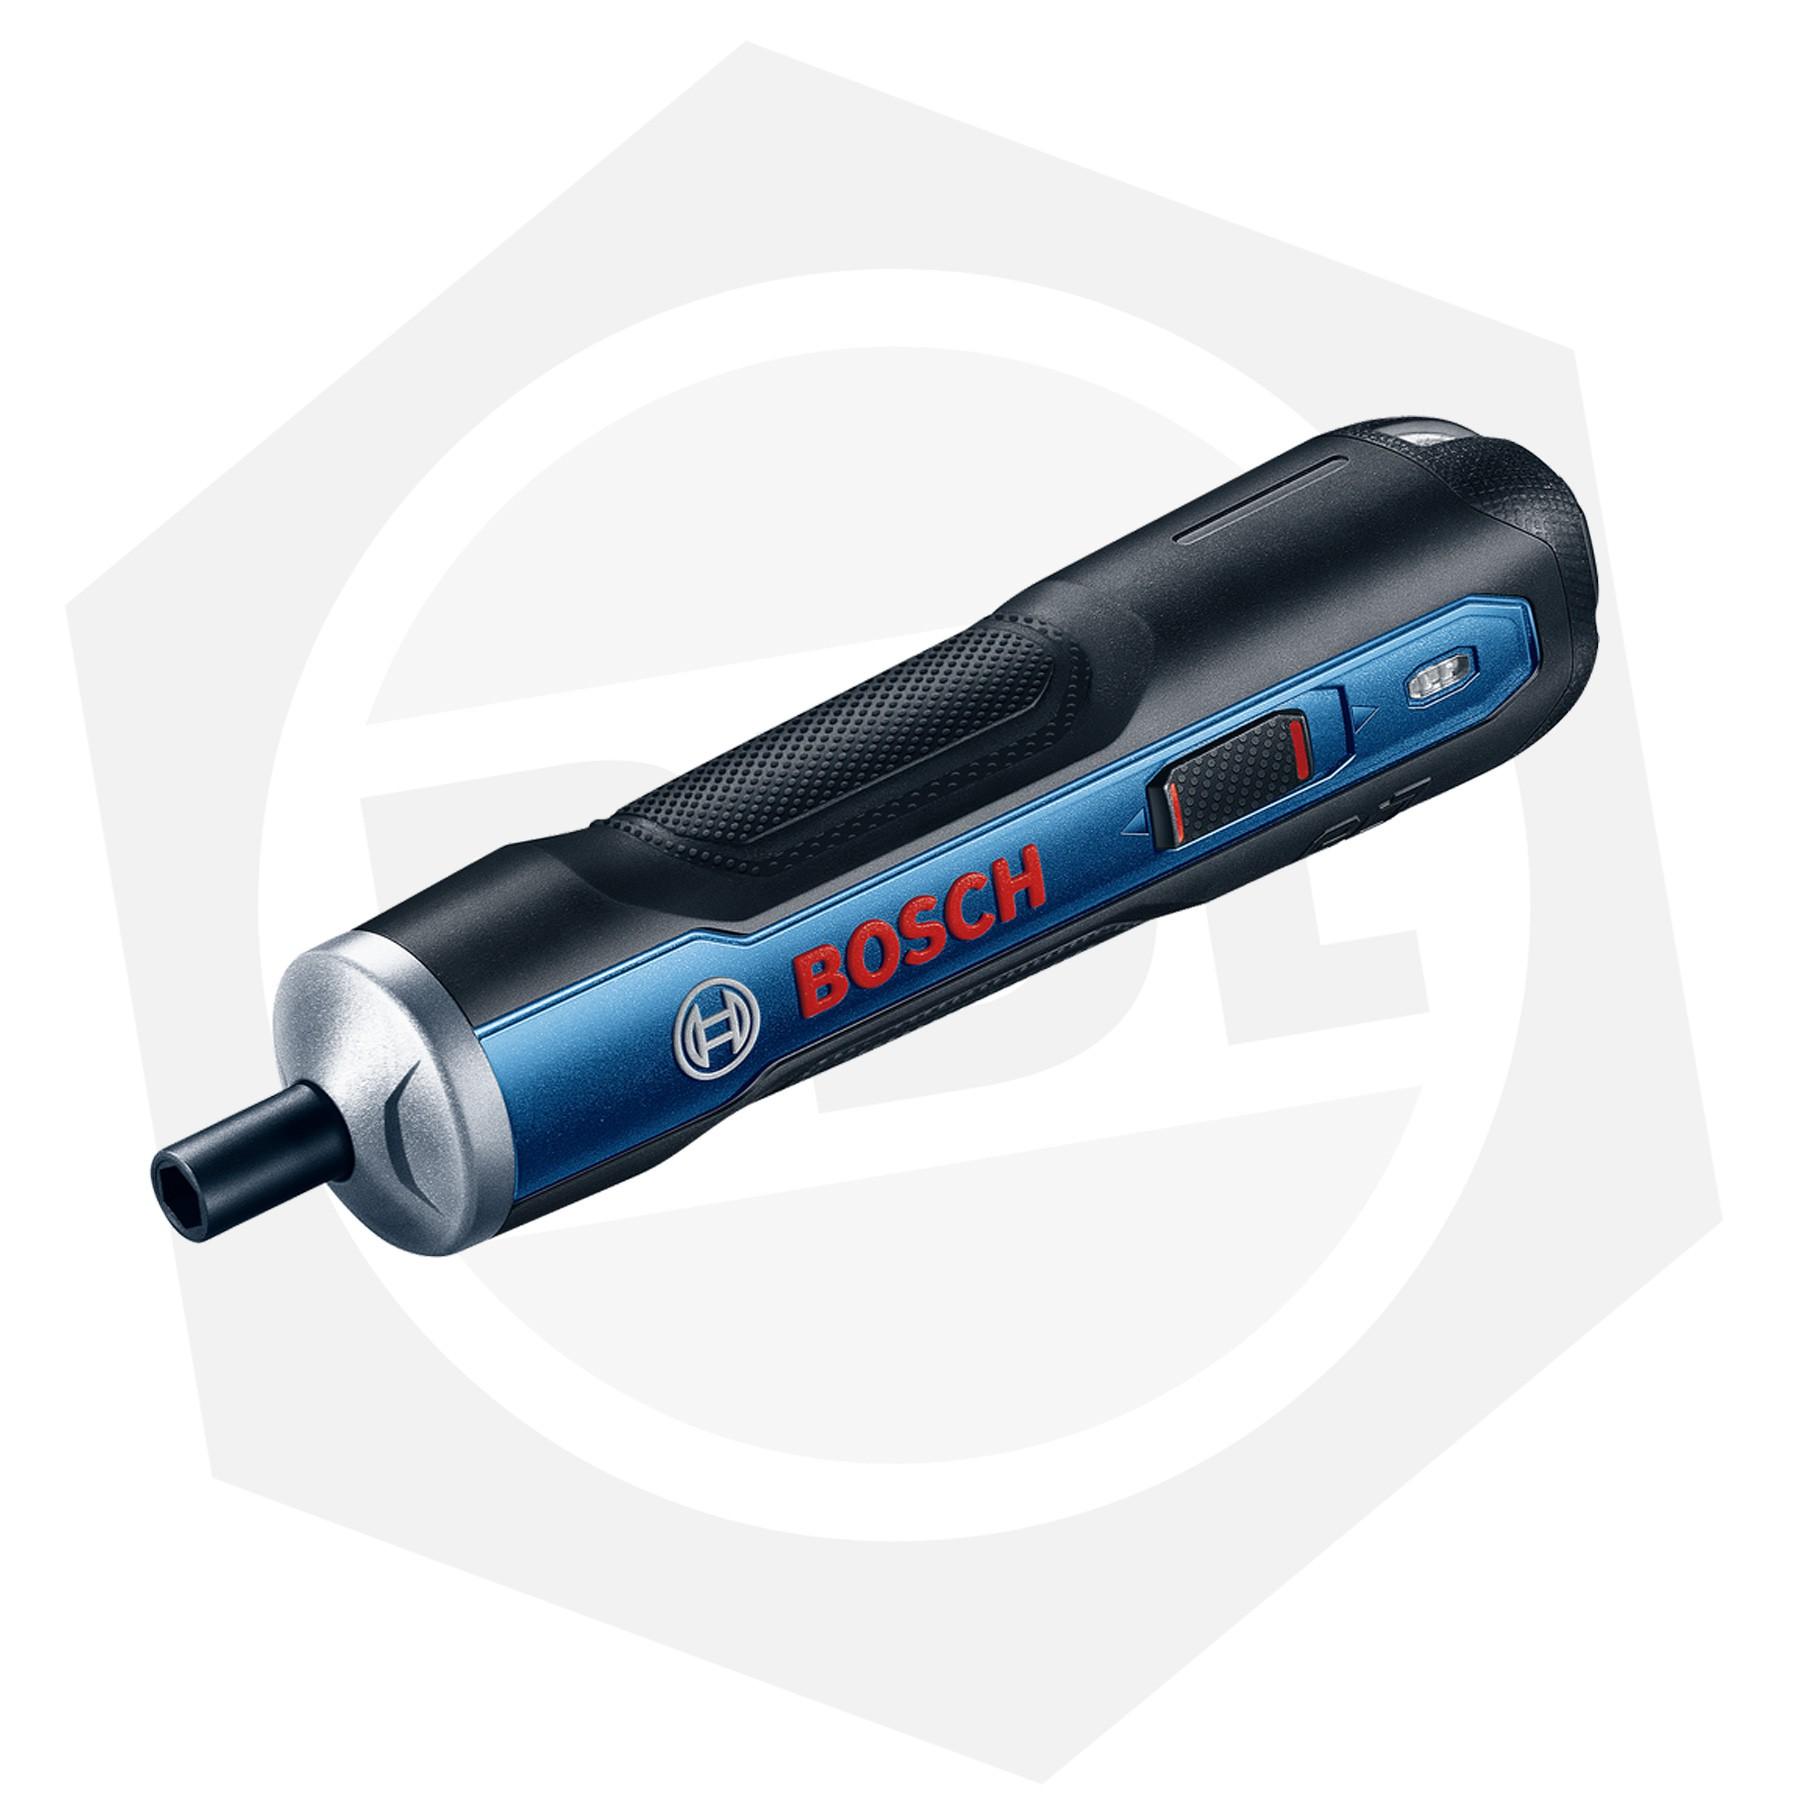 OFERTA - 15% DE DESCUENTO - Atornillador Bosch GO. Batería Litio - 3.6 V